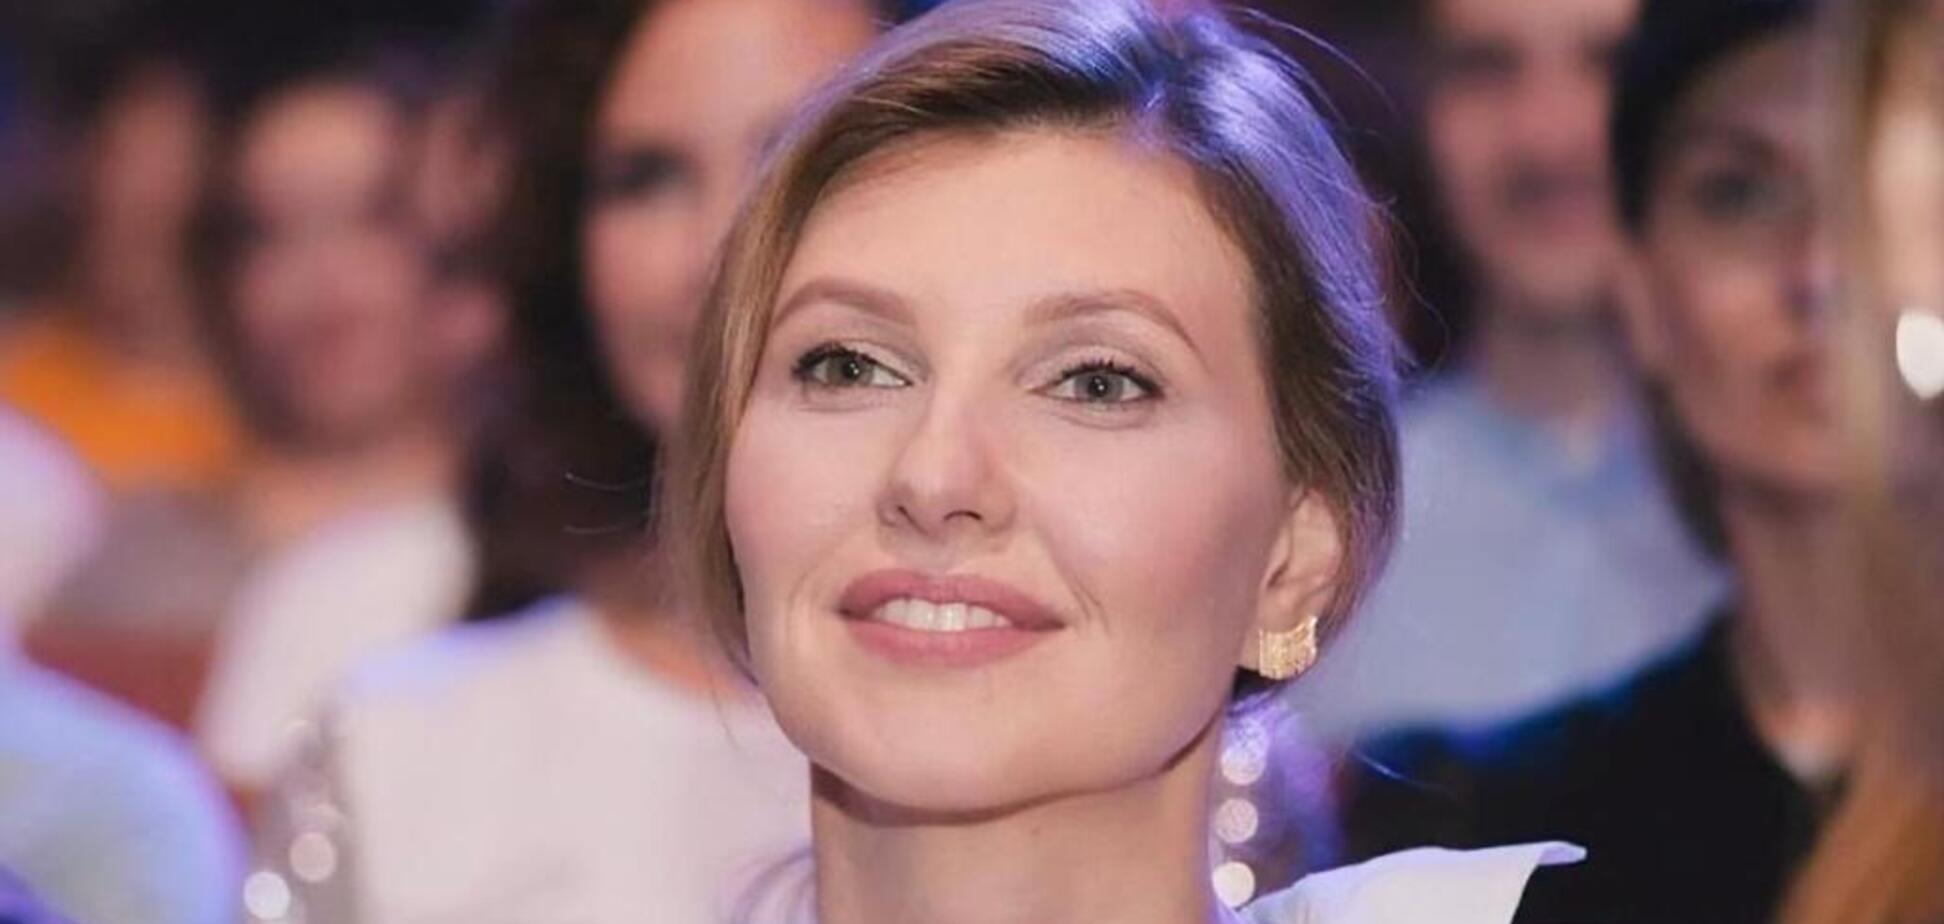 У Елены Зеленской день рождения: как выглядит отец первой леди и чем он занимается в Раде